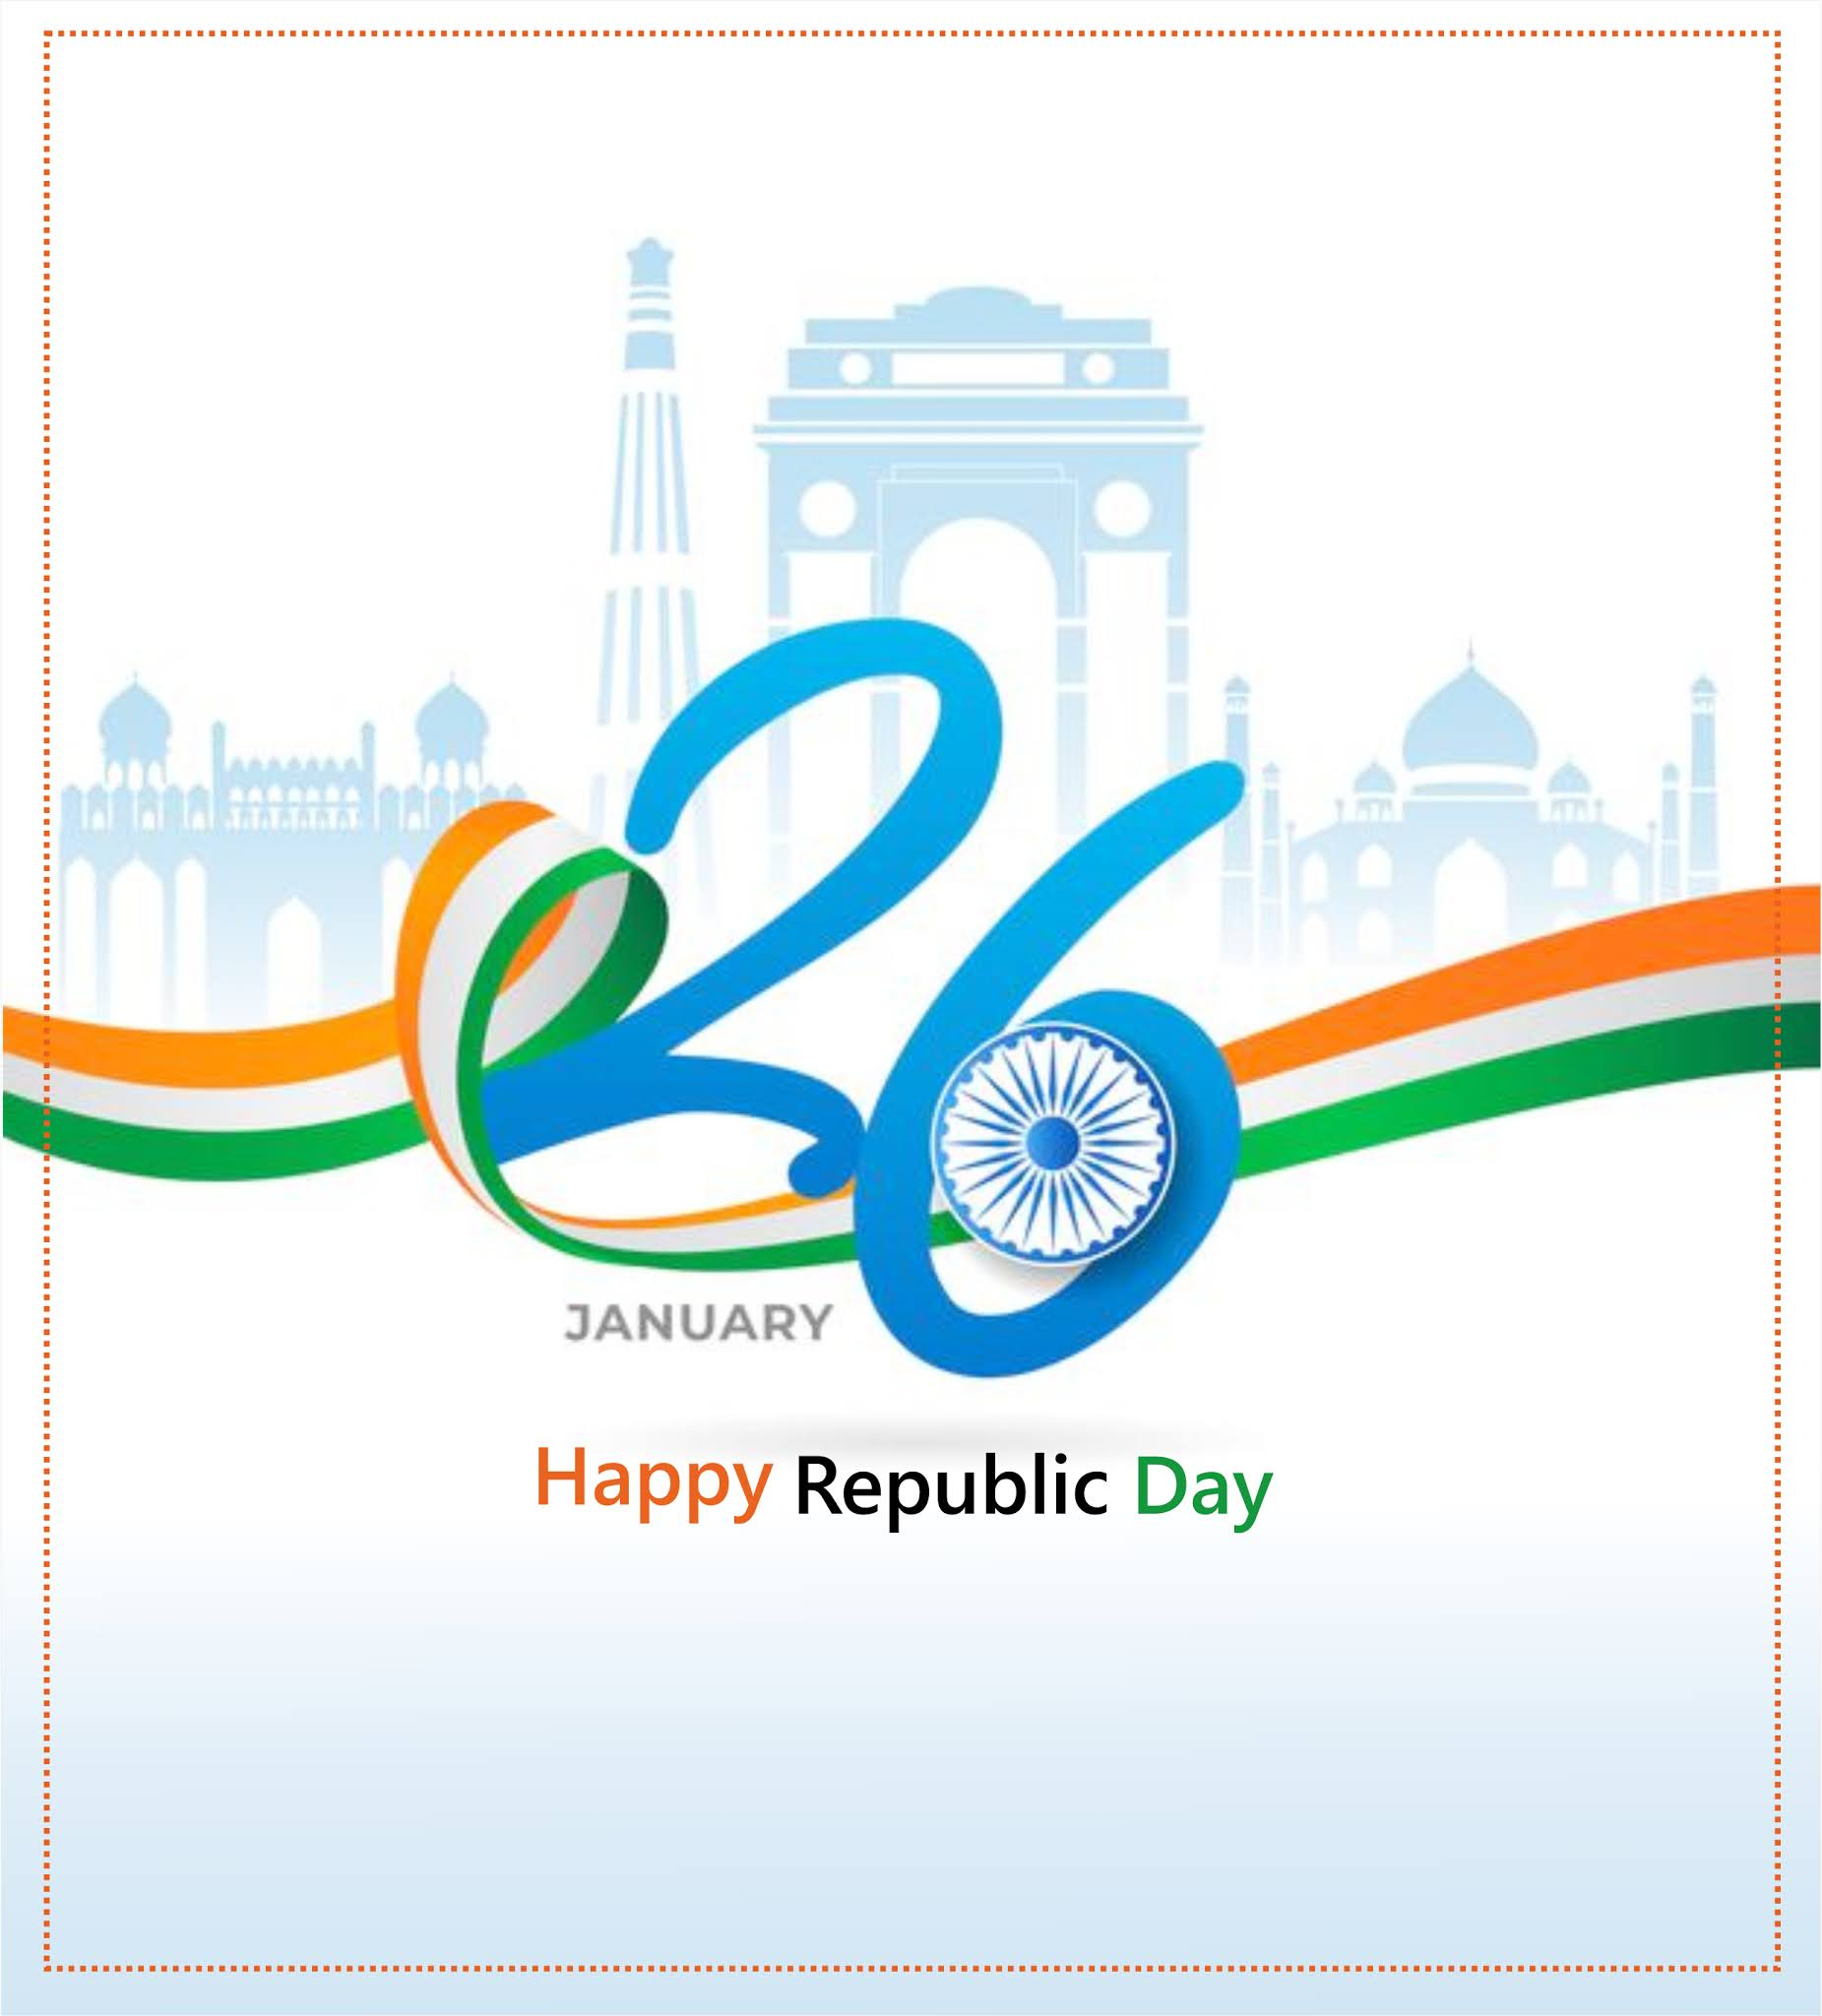 Tiranga Indian Flag In Jpg File Wallpaer Rk Graphic Design